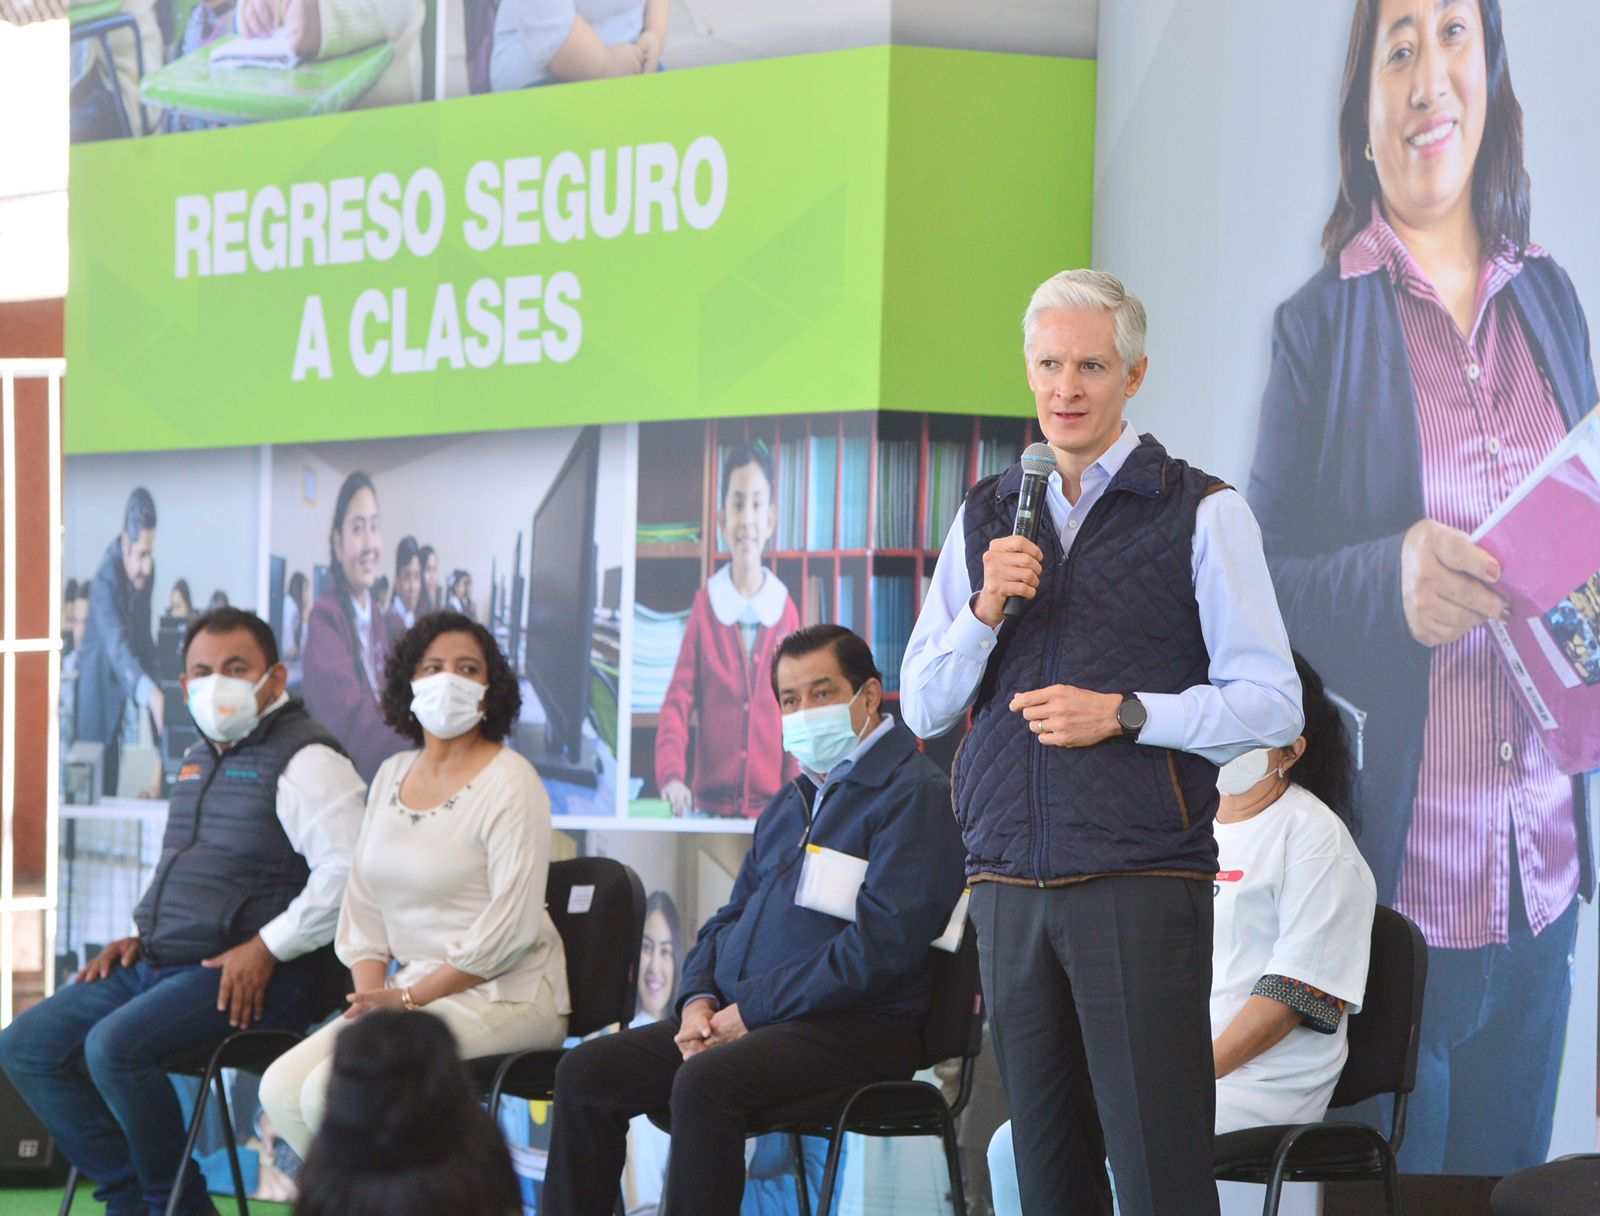 Regreso a clases de los más de 4.5 millones de alumnos mexiquenses será de forma escalonada y respetando medidas sanitarias: Alfredo del Mazo